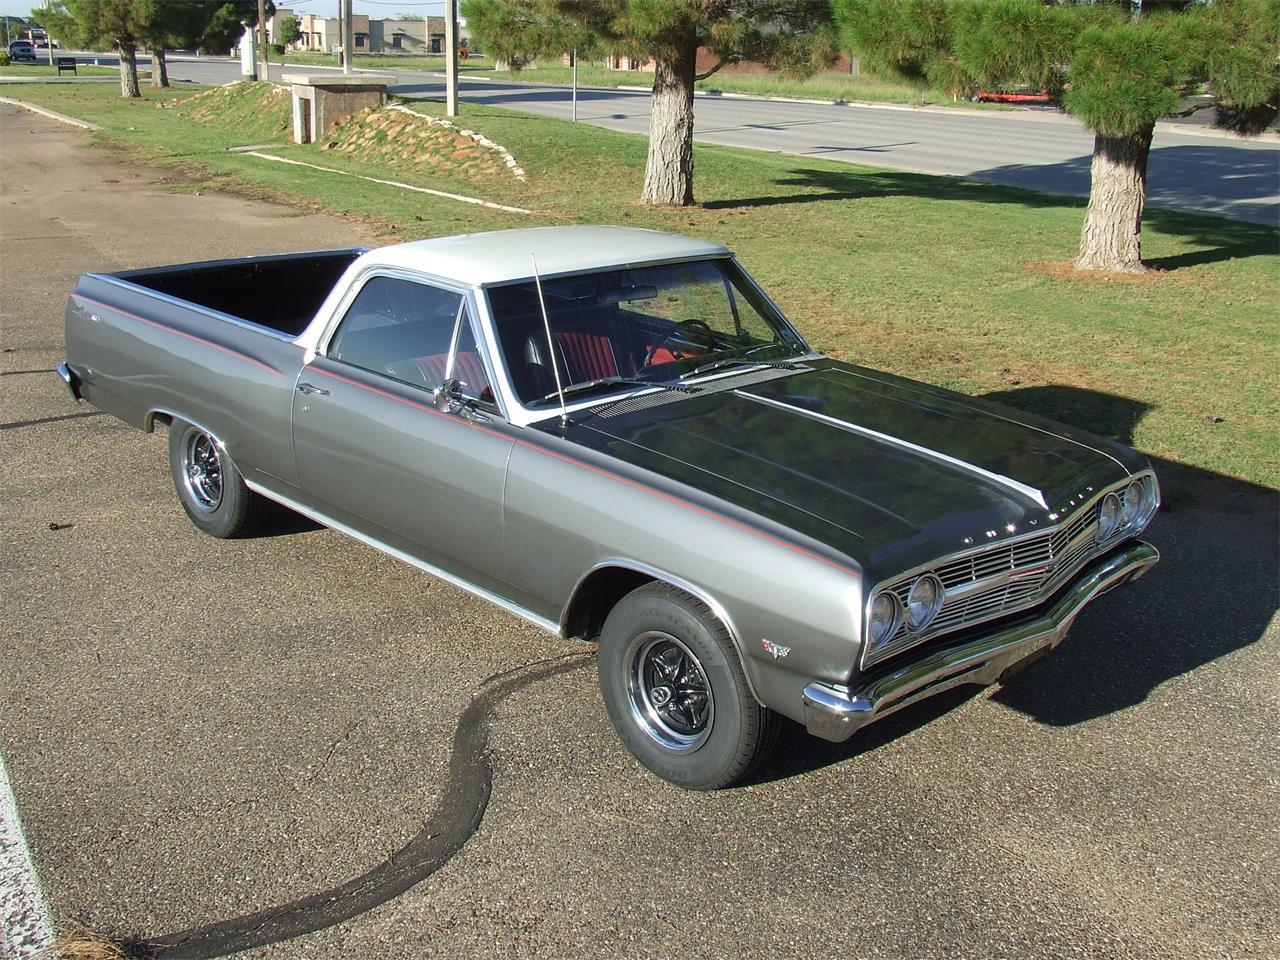 For Sale: 1965 Chevrolet El Camino in Lubbock, Texas